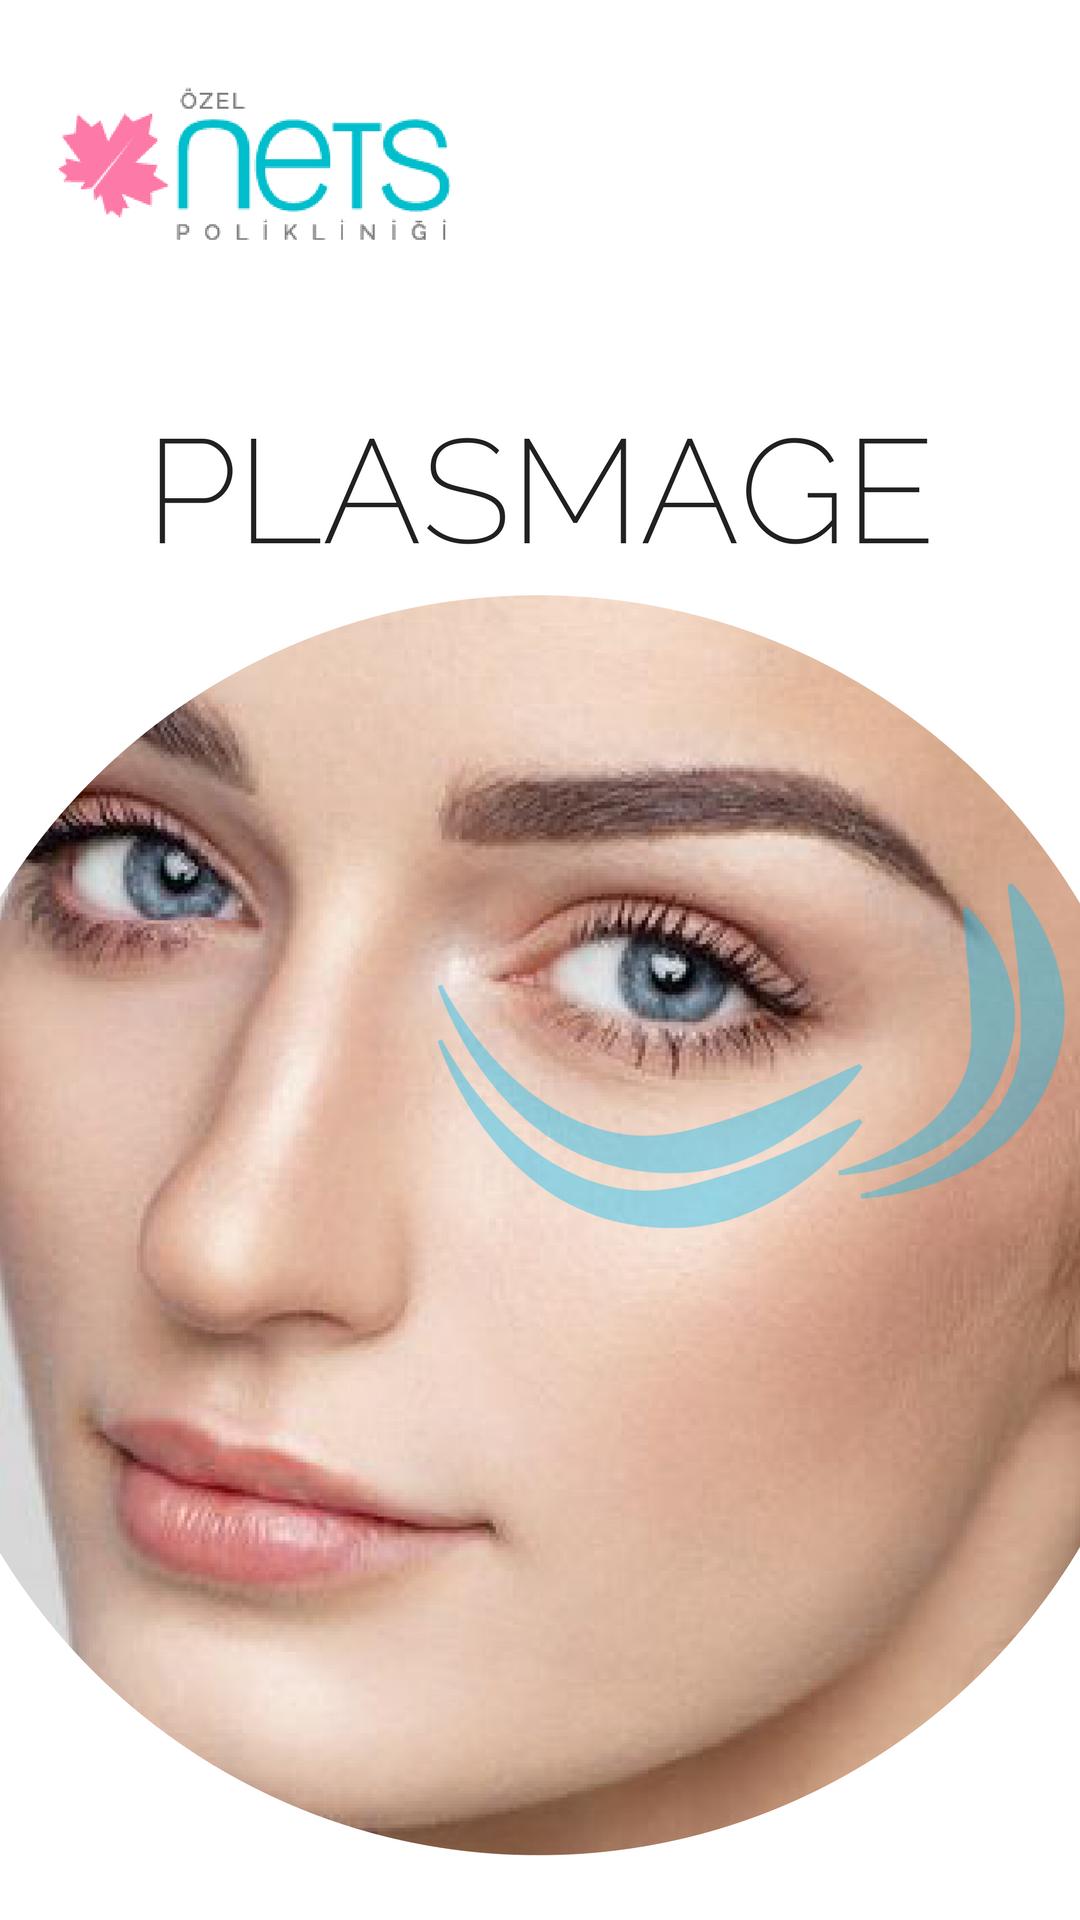 Göz Altı, Dudak Üstü, Boyun ve Göz Çevresi Kırışıklıklarında Etkili 5 Maske